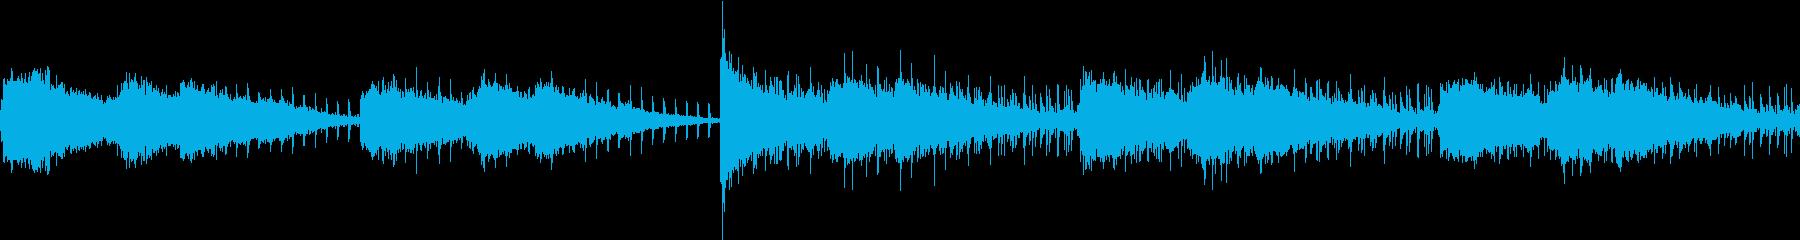 何か来そうな恐怖のBGM。ループできますの再生済みの波形